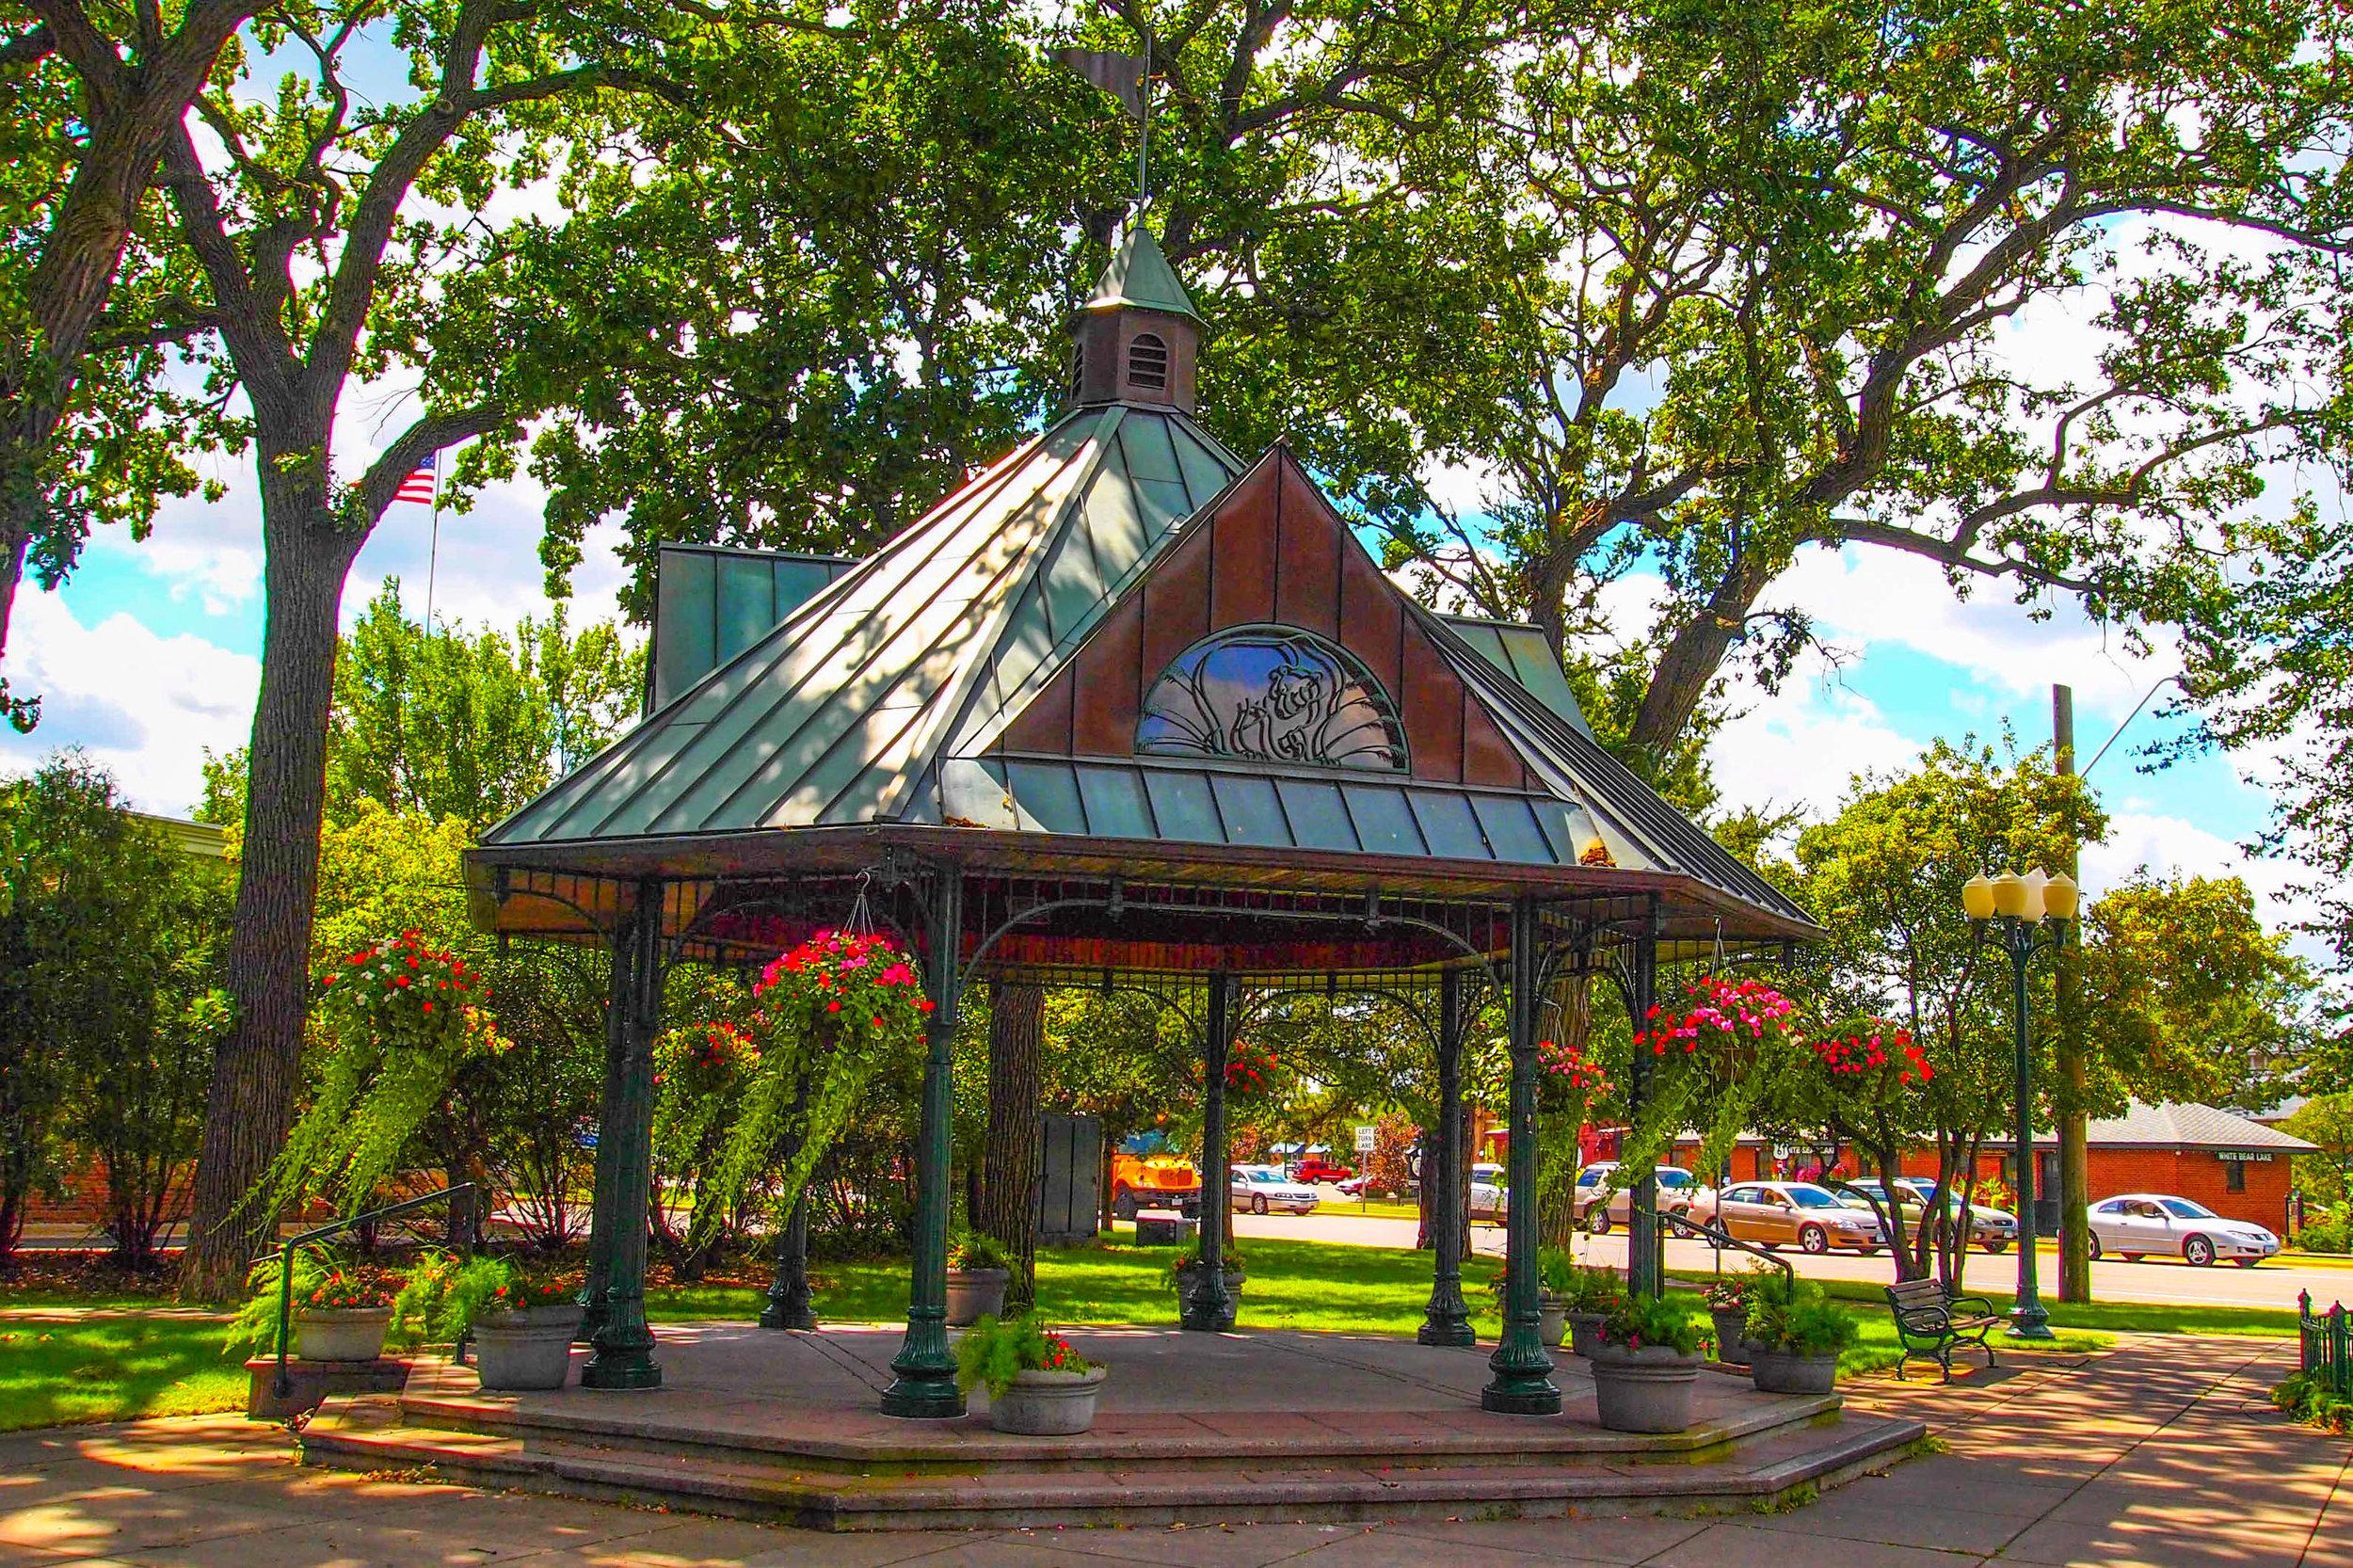 Railroad Park Gazebo